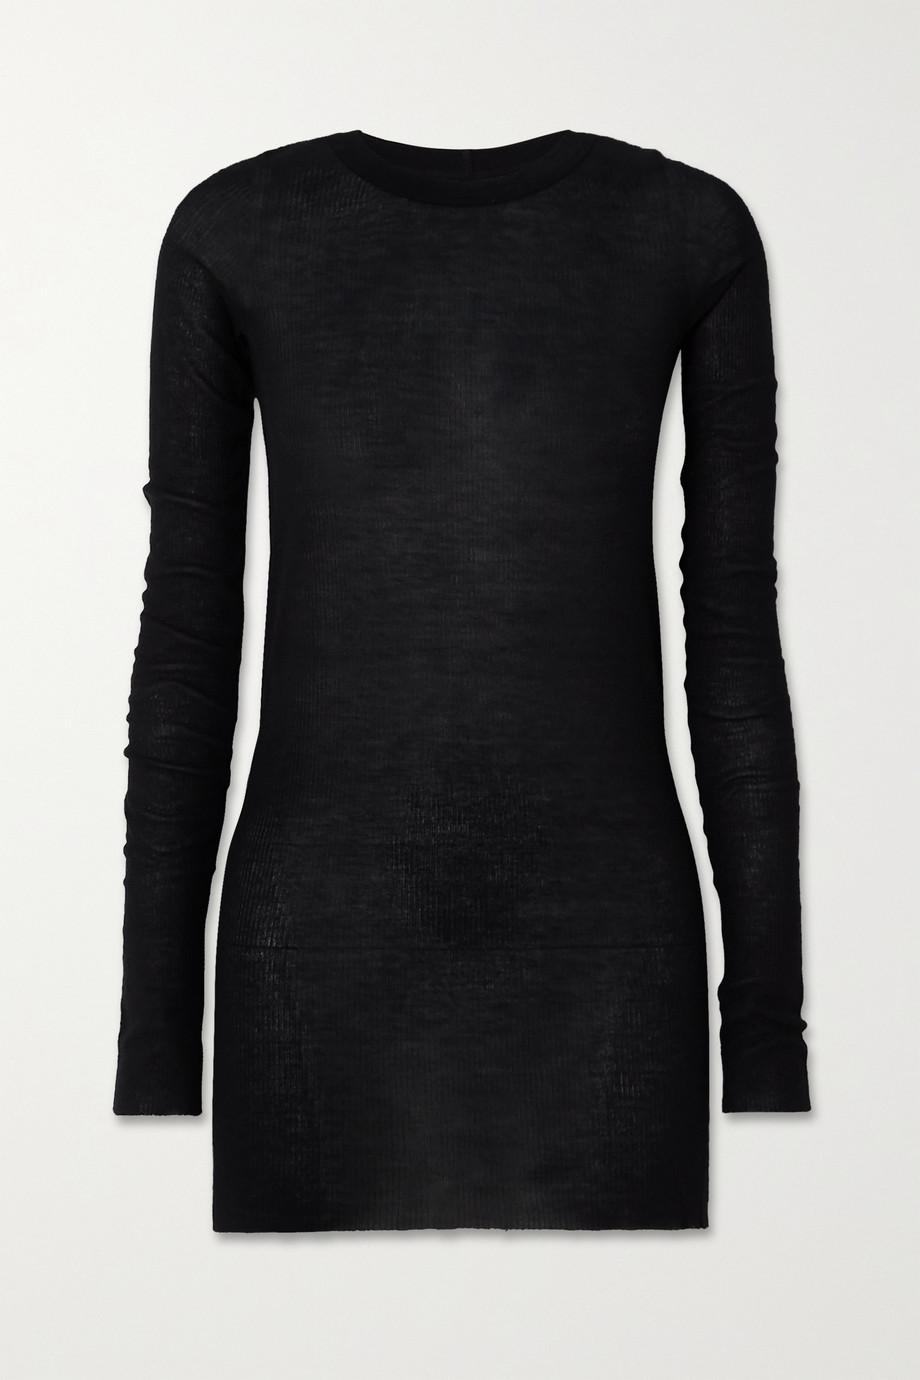 Rick Owens Ribbed-knit top